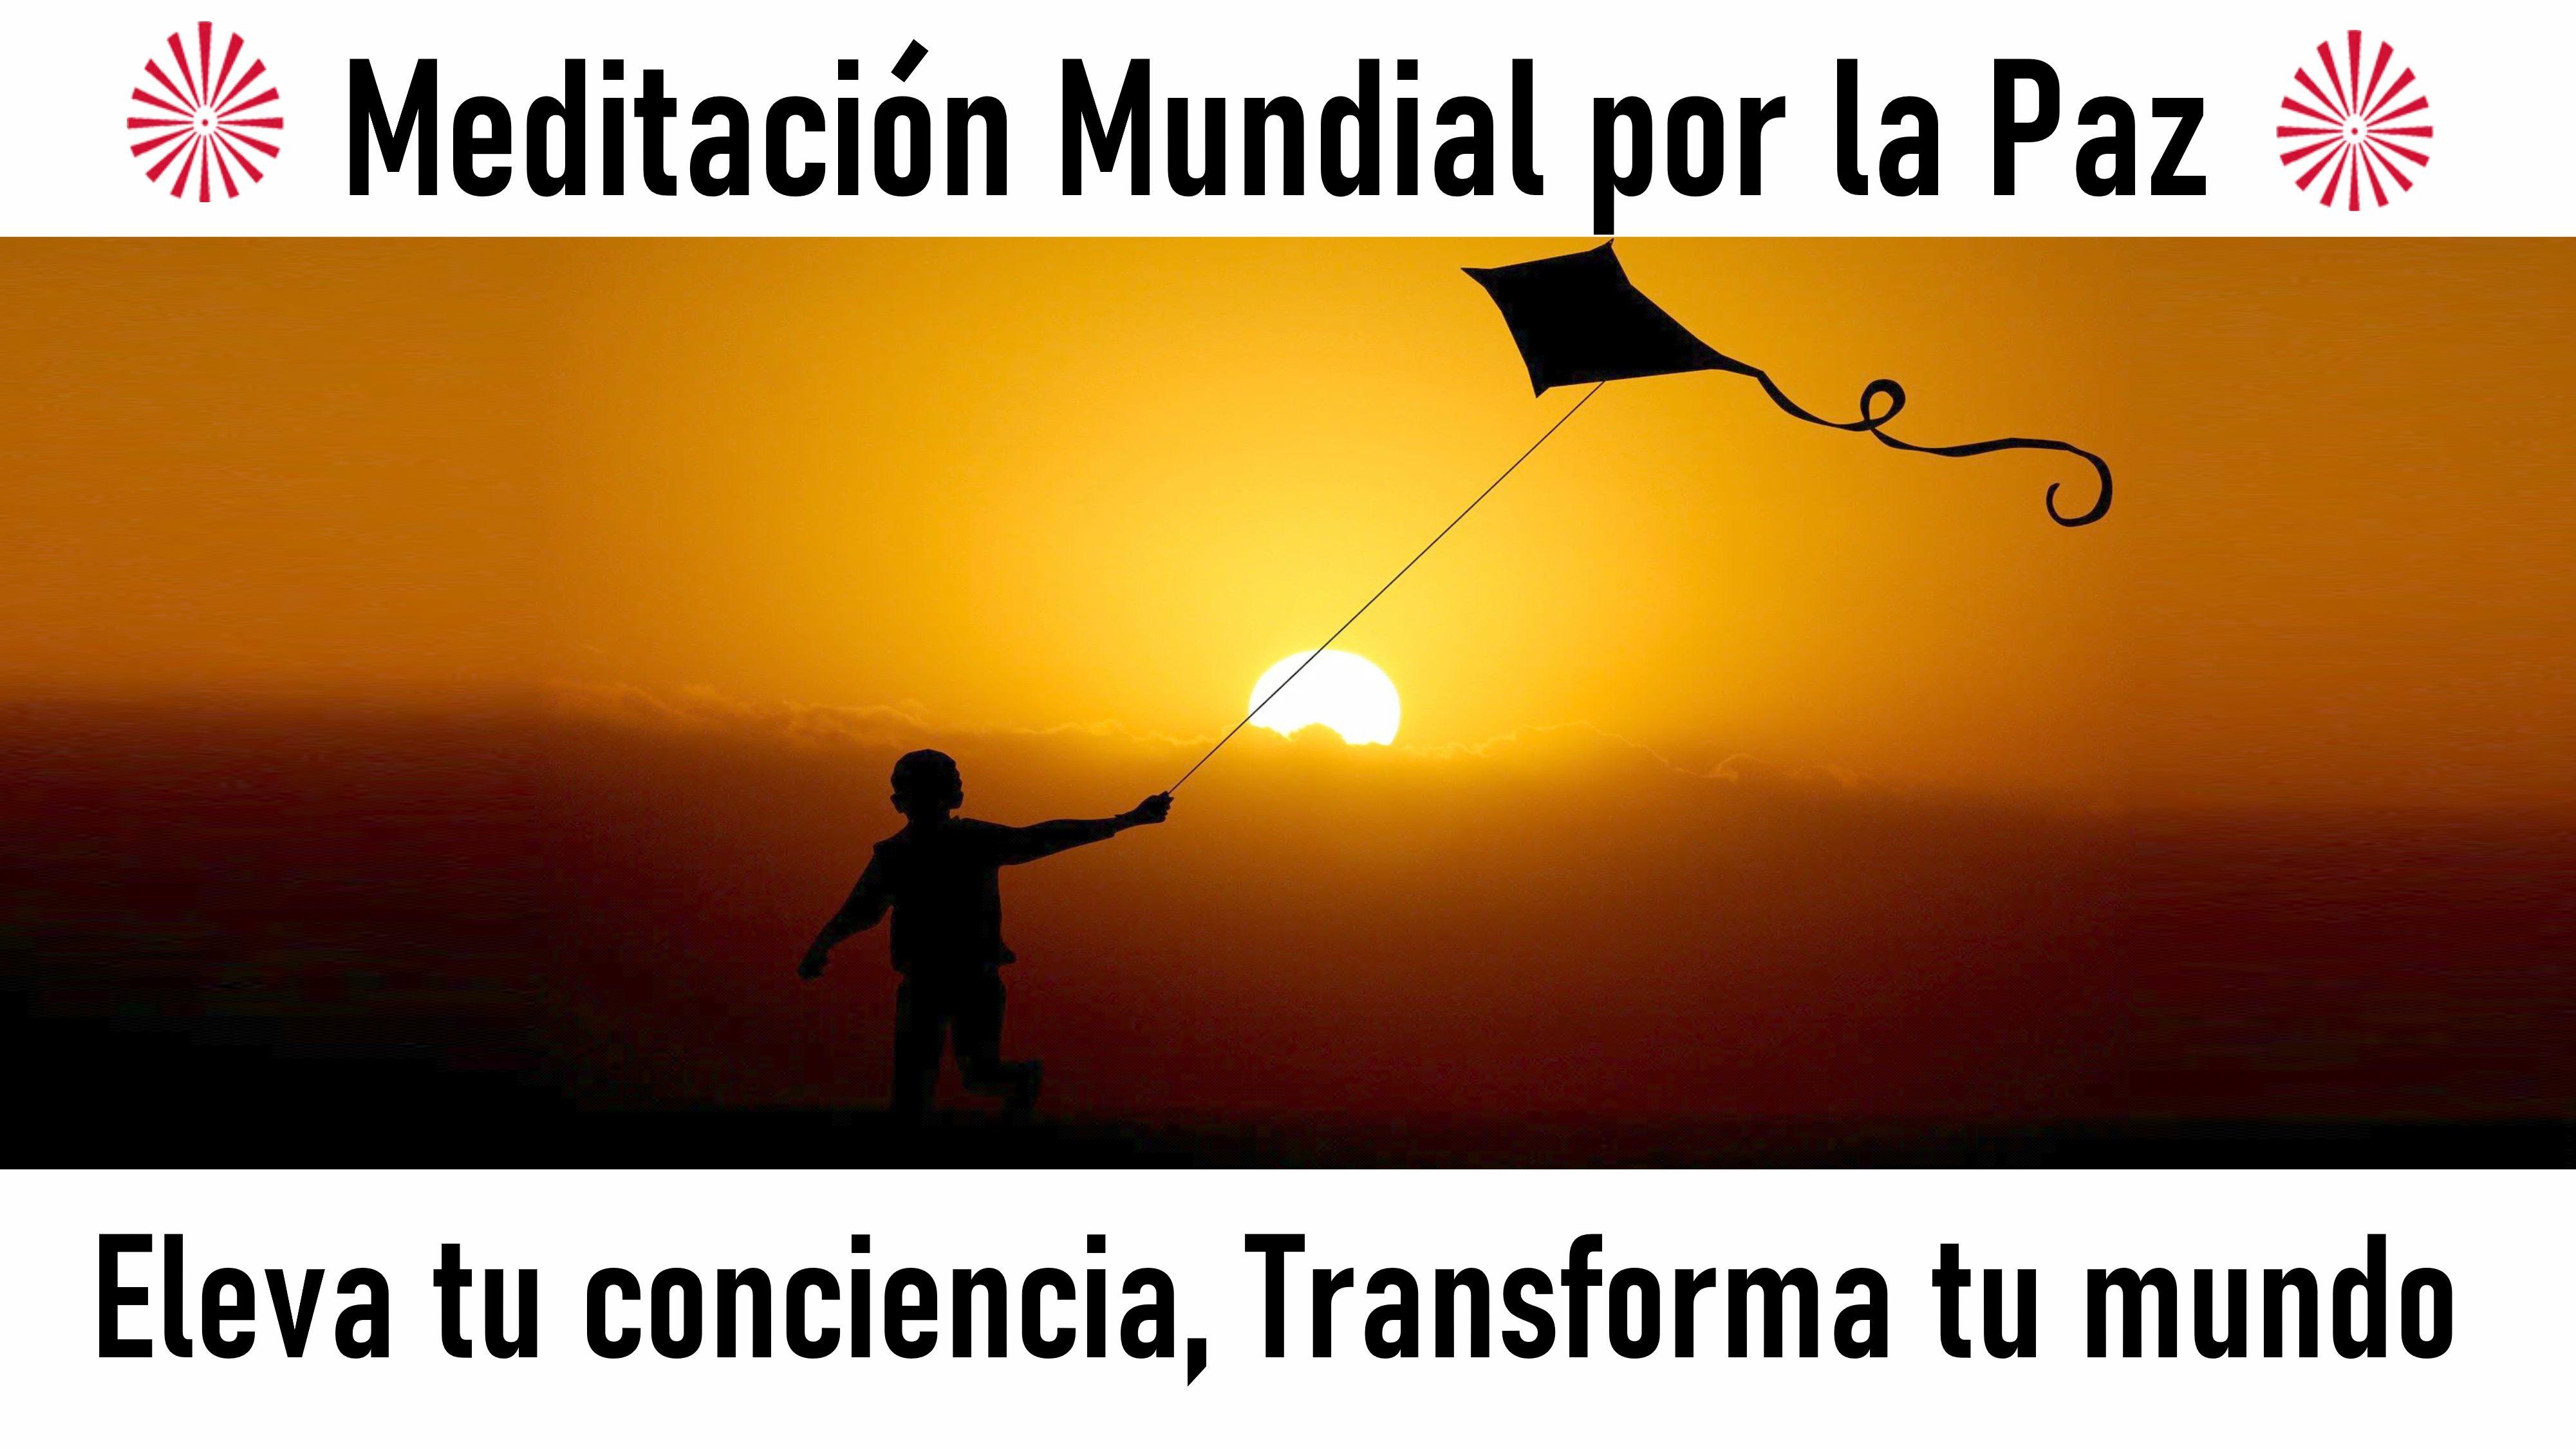 19 Julio 2020  Meditación mundial por la Paz: Eleva tu conciencia, Transforma tu mundo